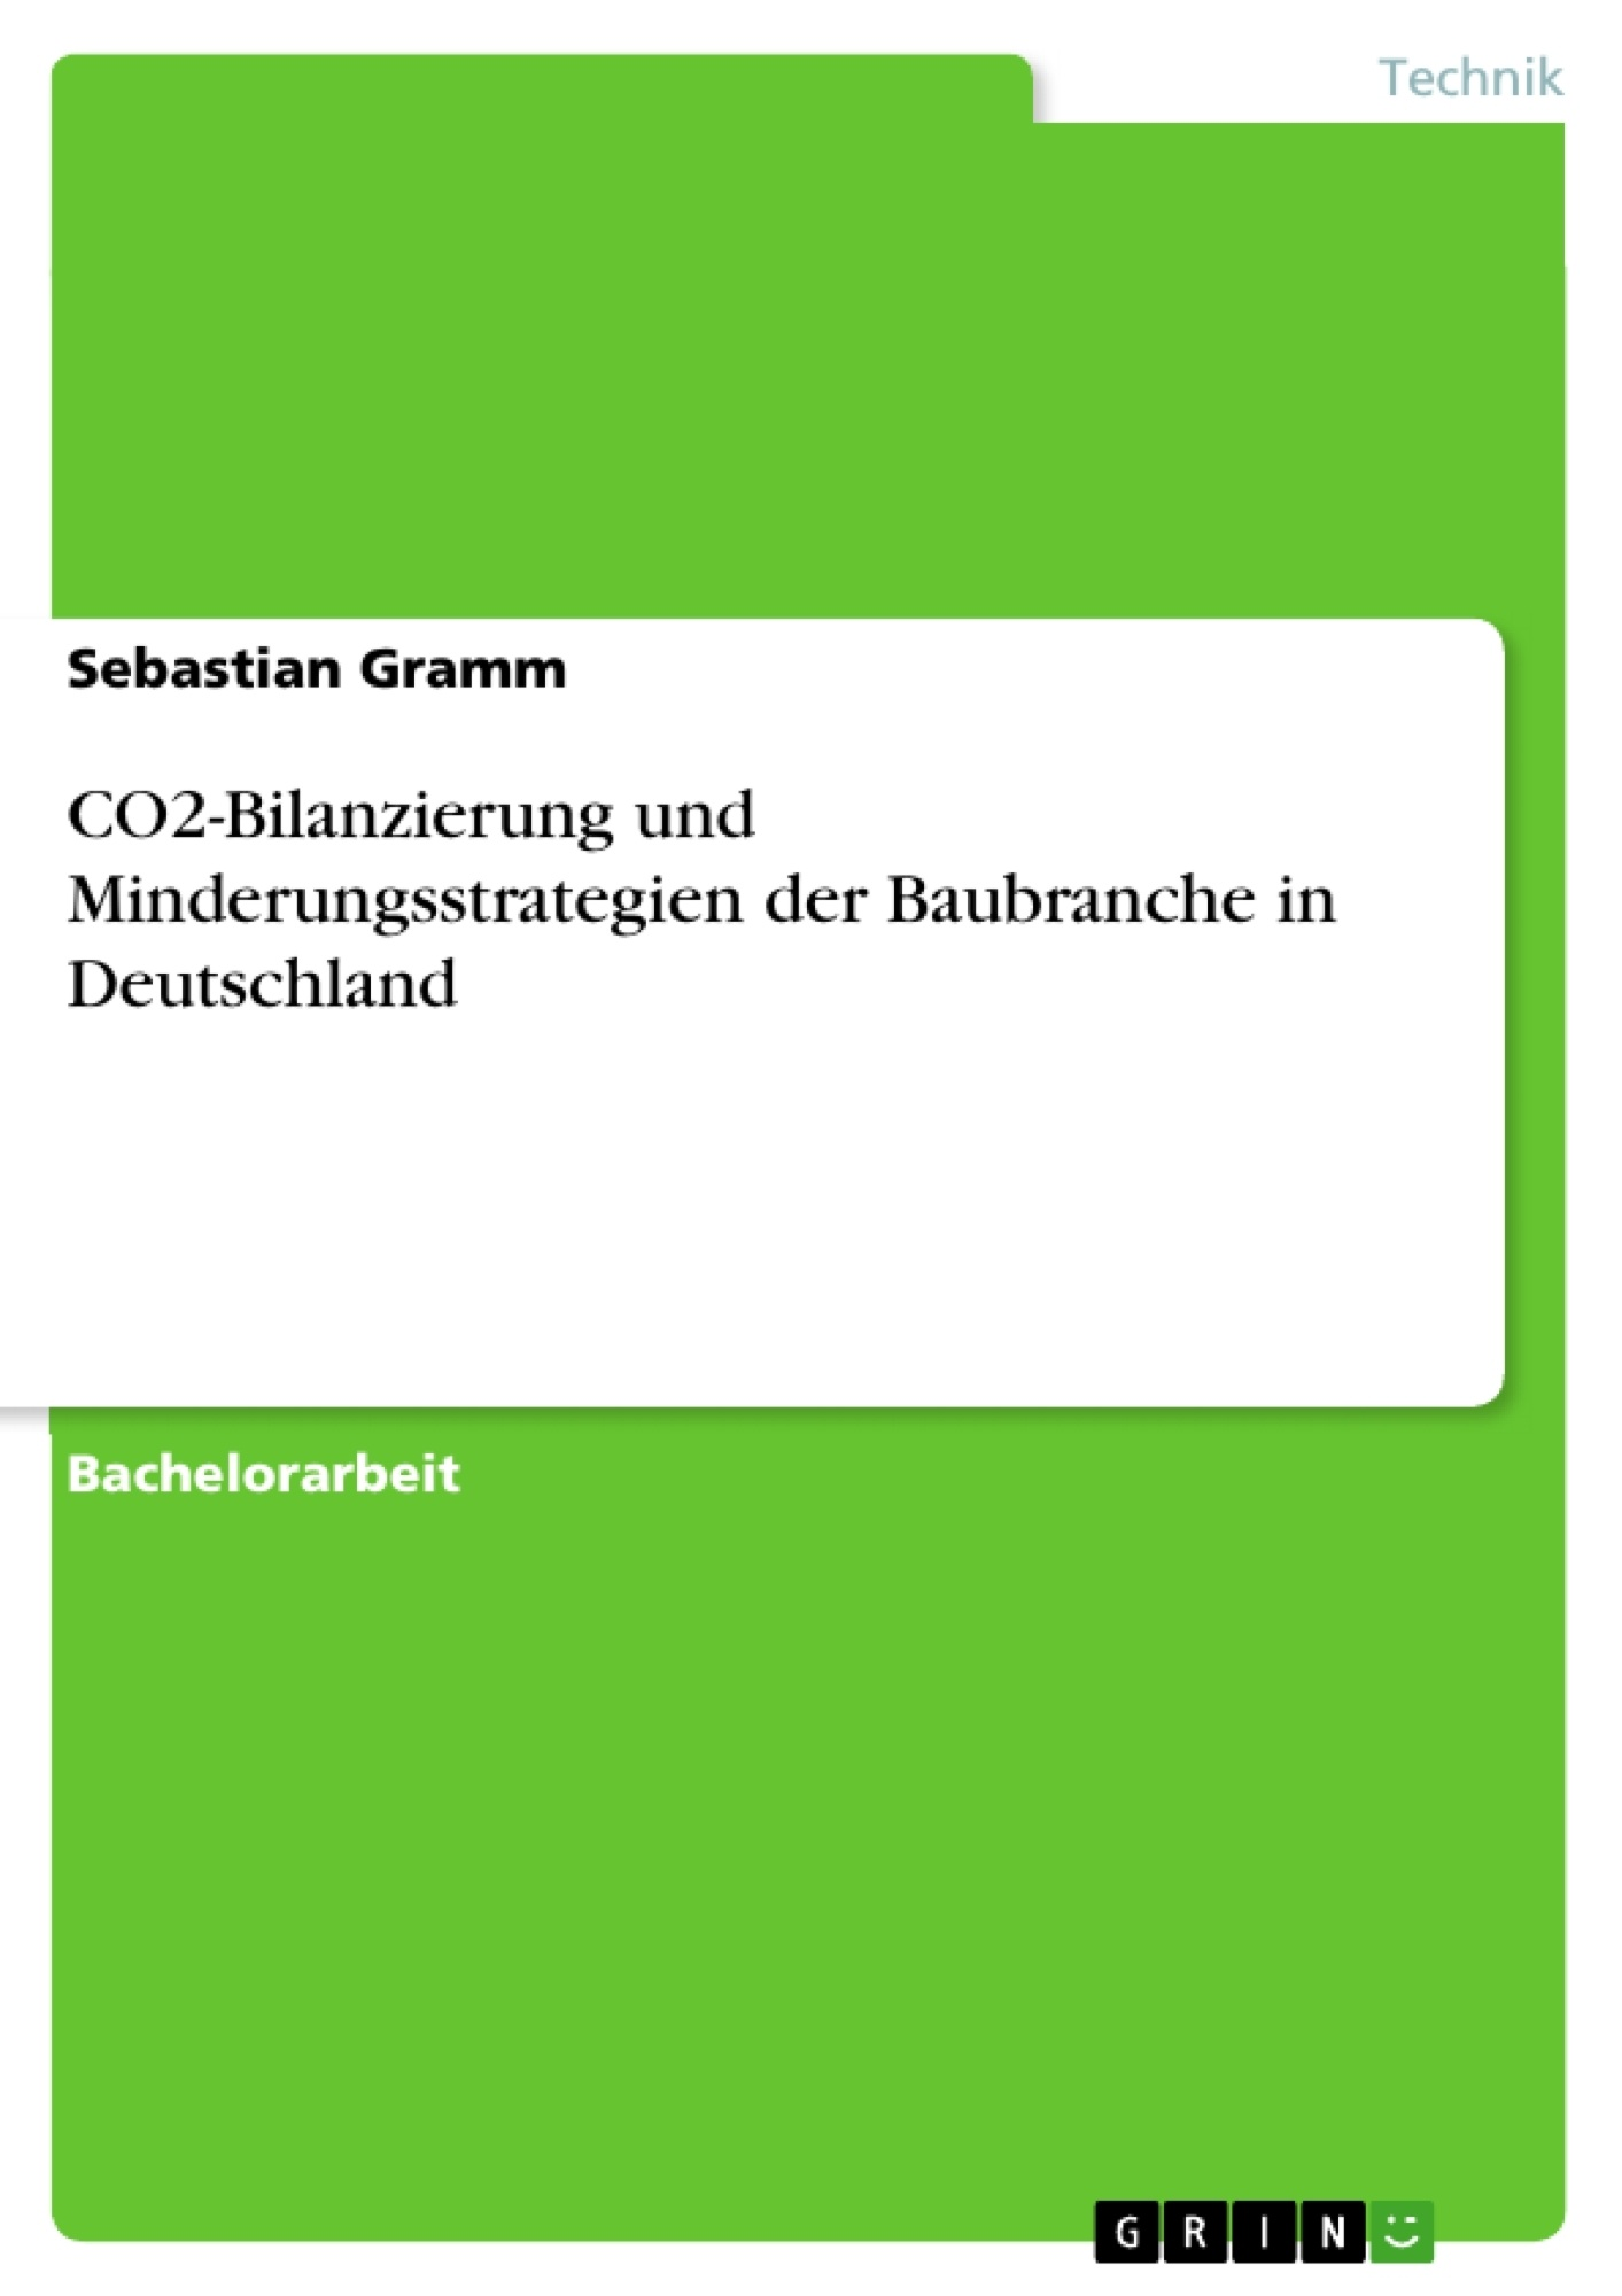 Titel: CO2-Bilanzierung und Minderungsstrategien der Baubranche in Deutschland